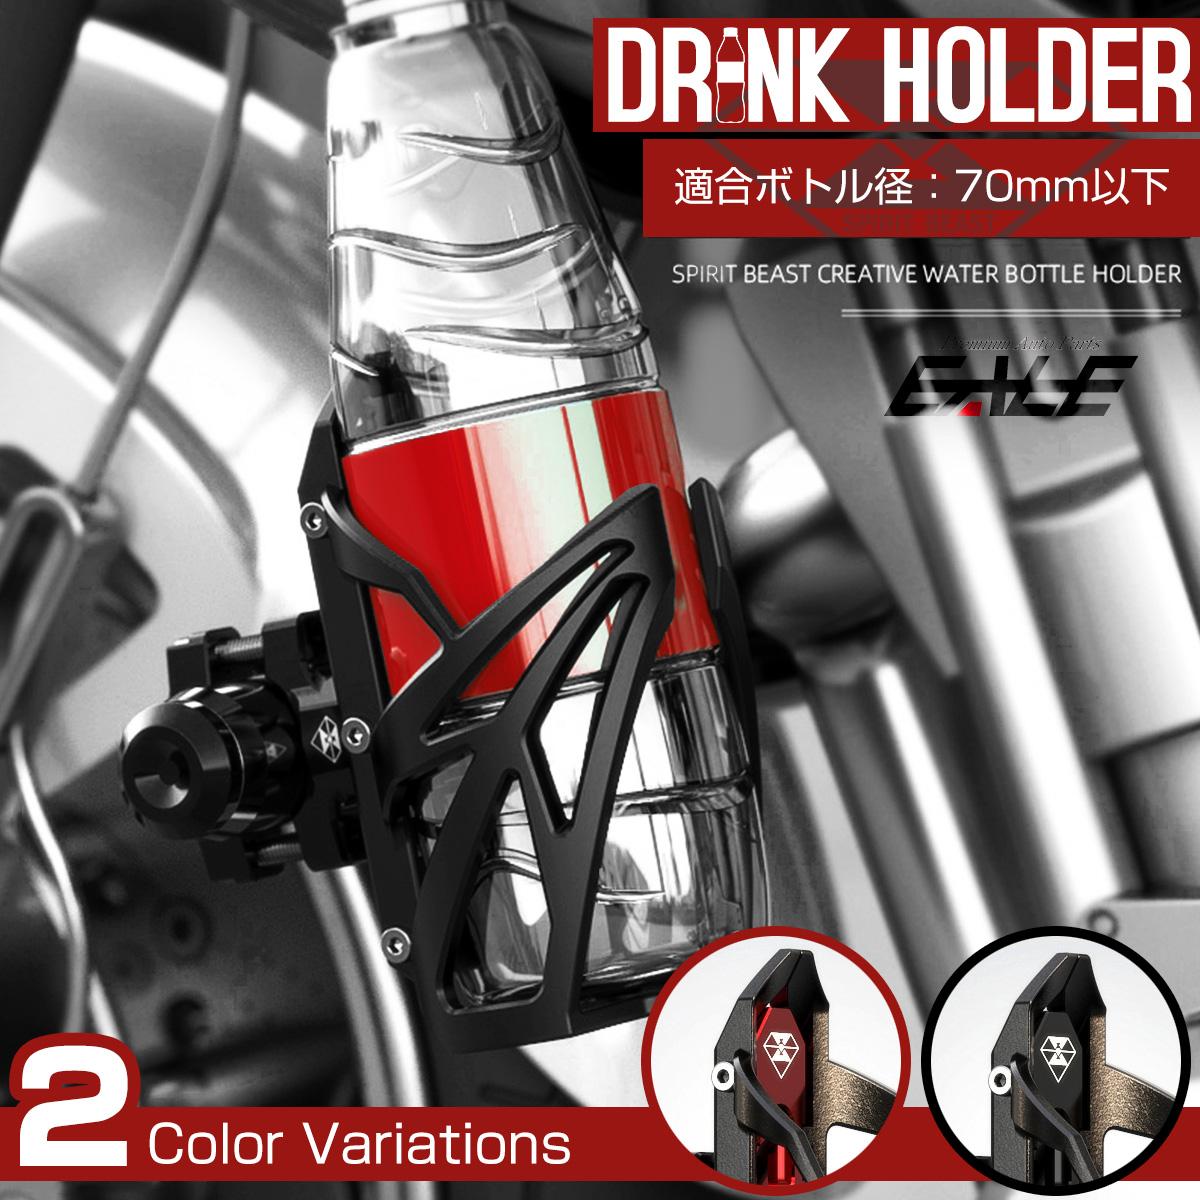 汎用 ドリンクホルダー ペットボトルホルダー カップホルダー 2色 オートバイ 自転車にも S-696